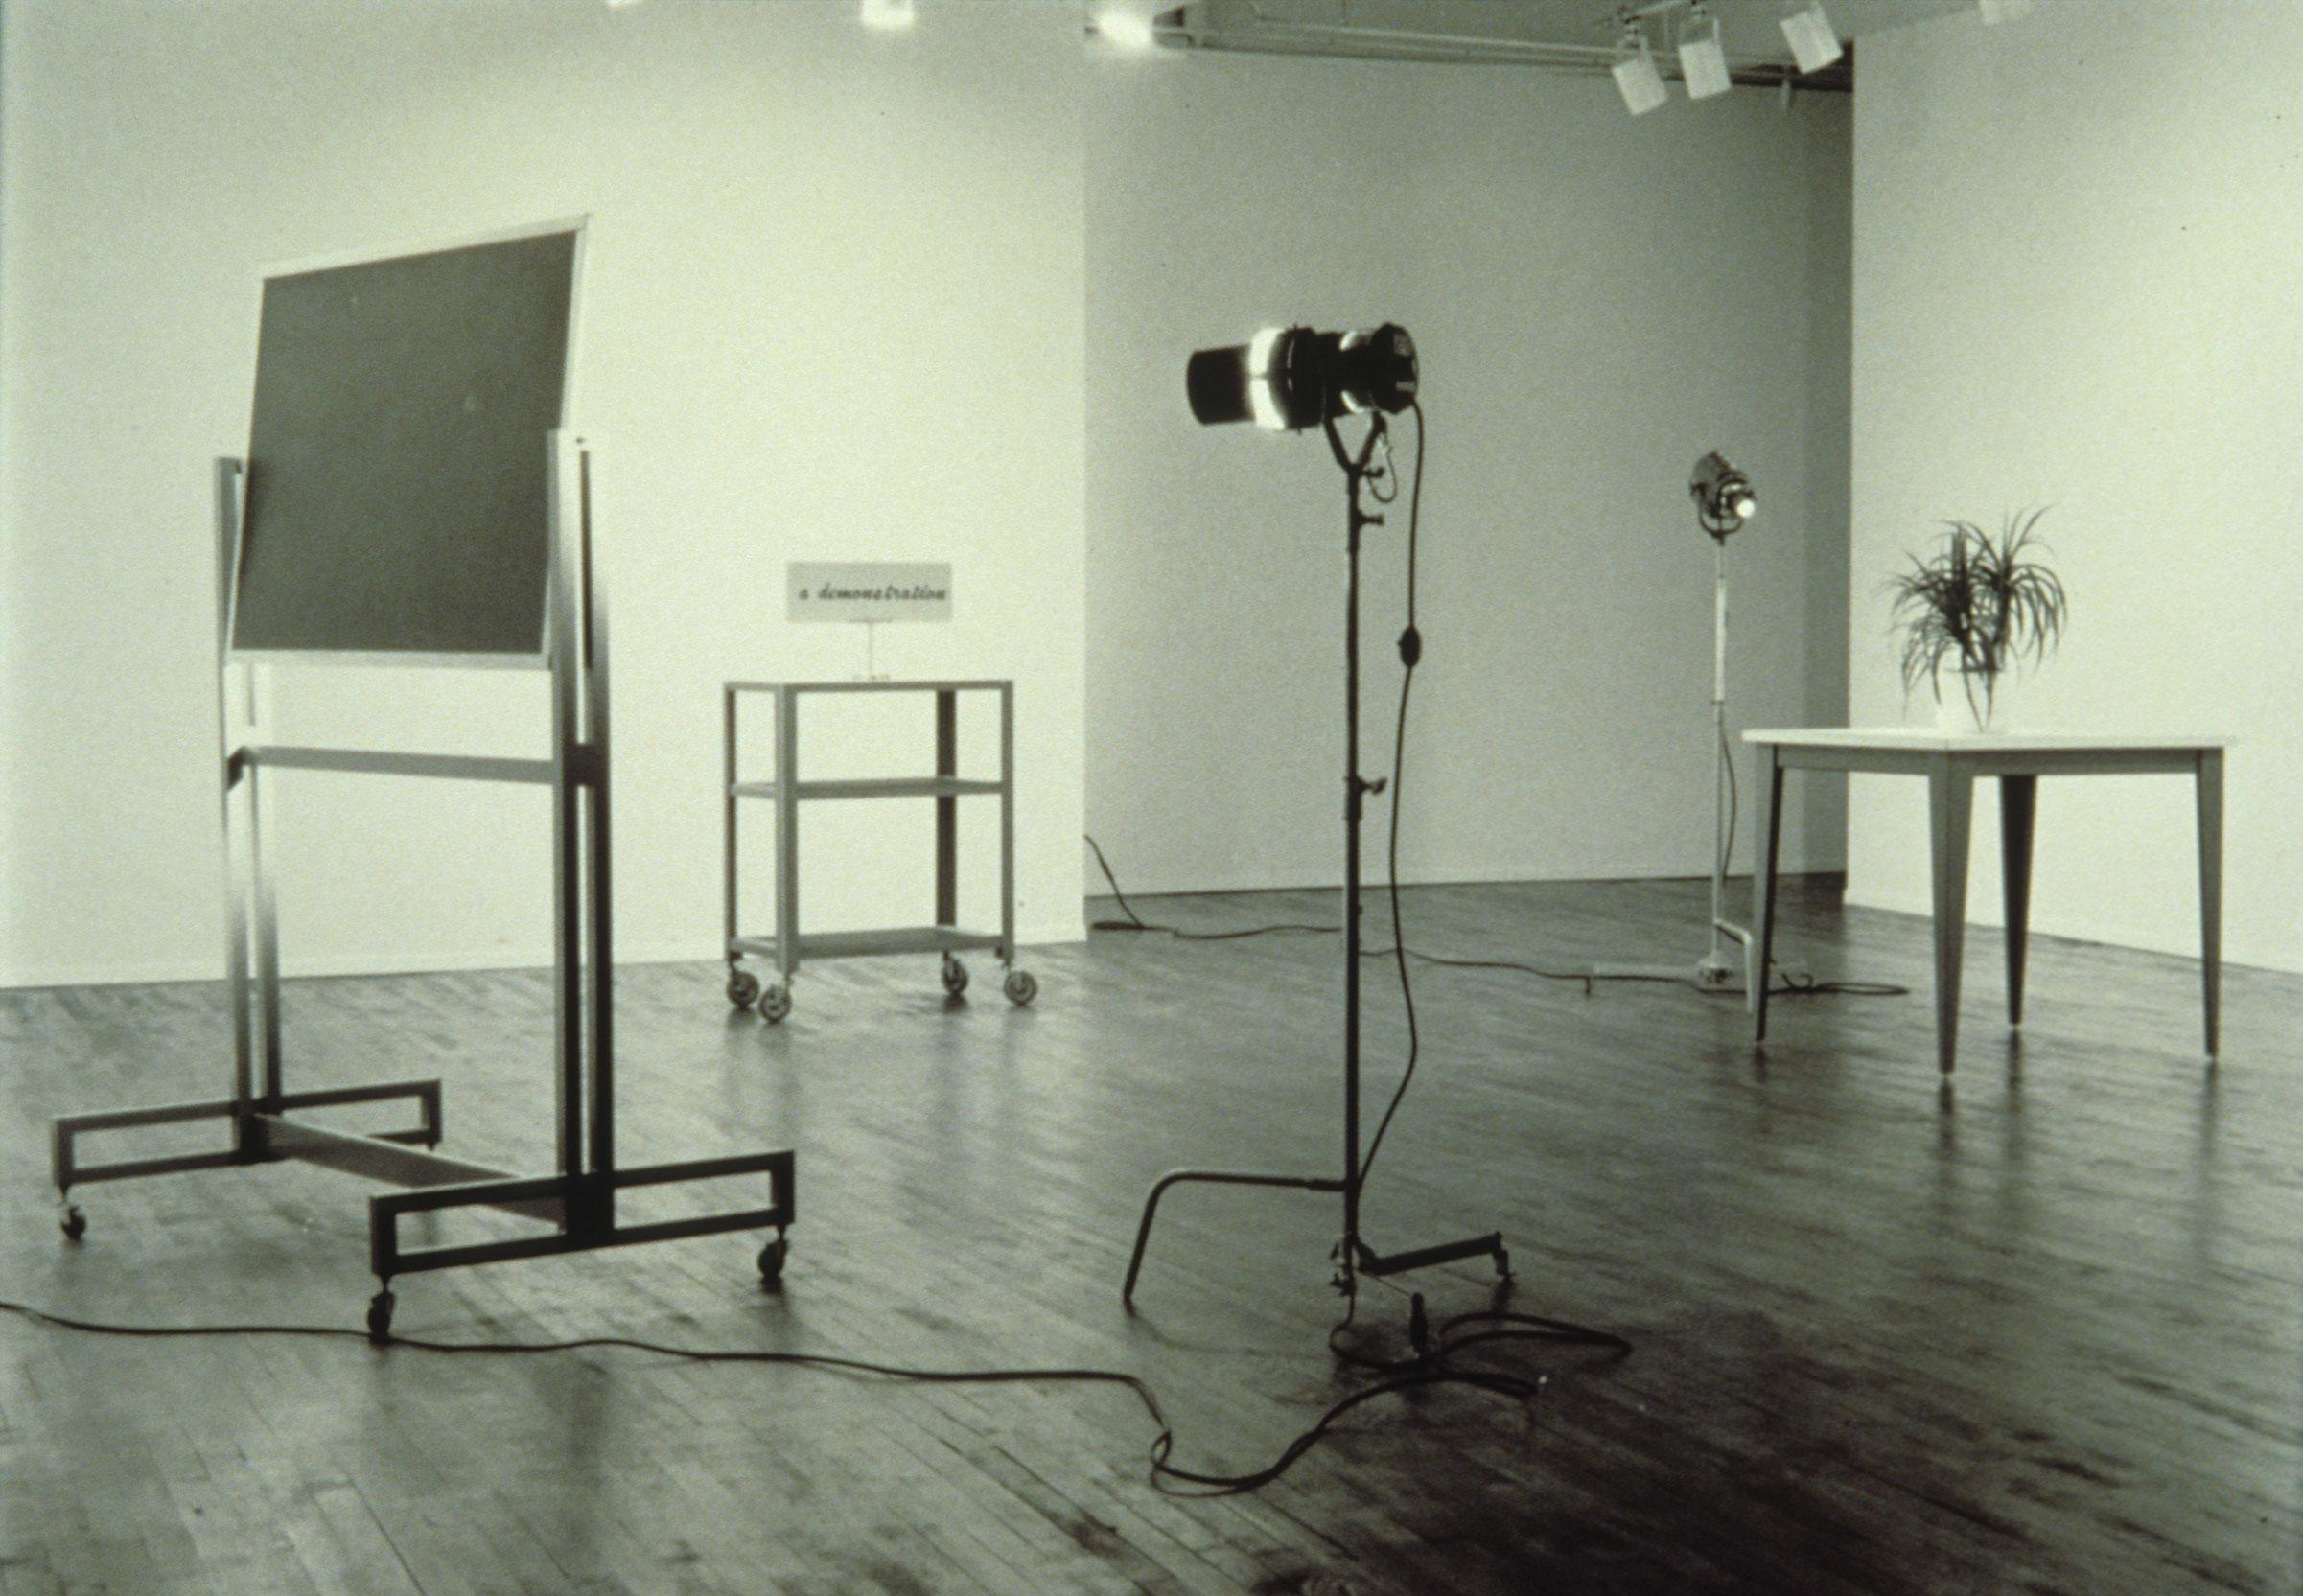 A Demonstration, 1981, Ian Carr-Harris, Bois, panneau de particules, métal, peinture, plastique, ampoules, filage électrique et objets divers.